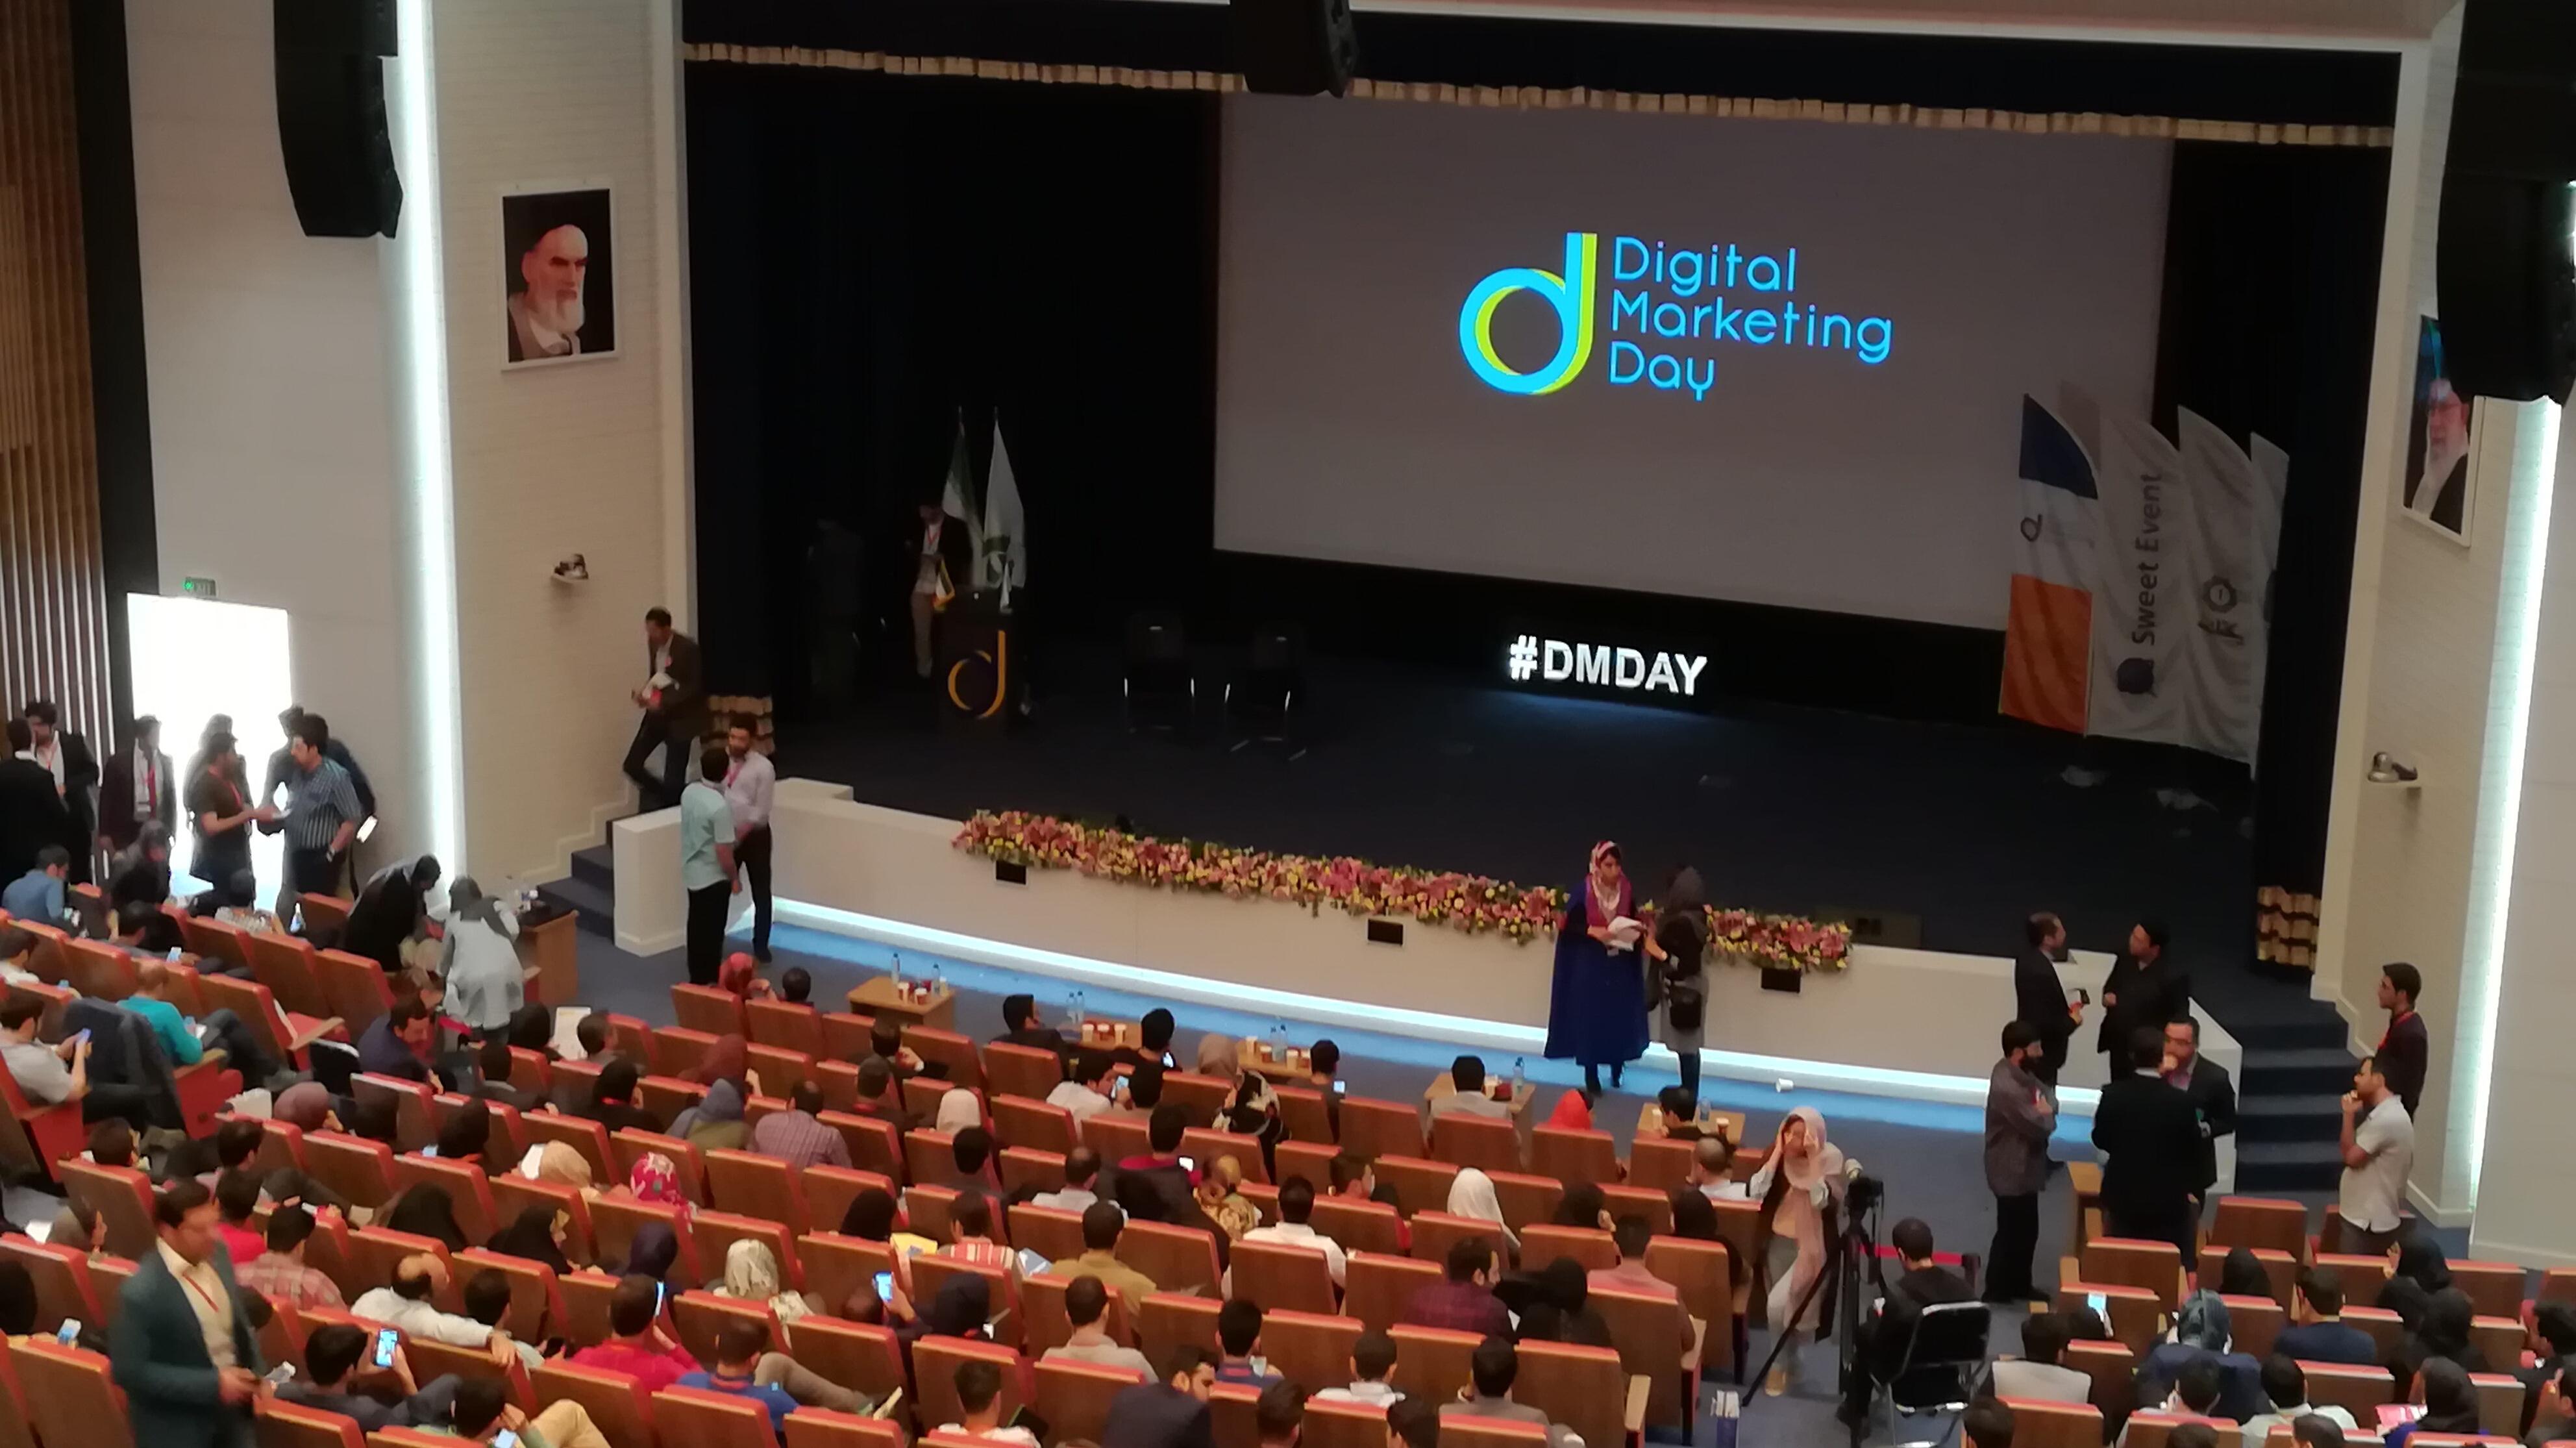 ایونت مارکتینگ و همایش روز بازاریابی دیجیتال